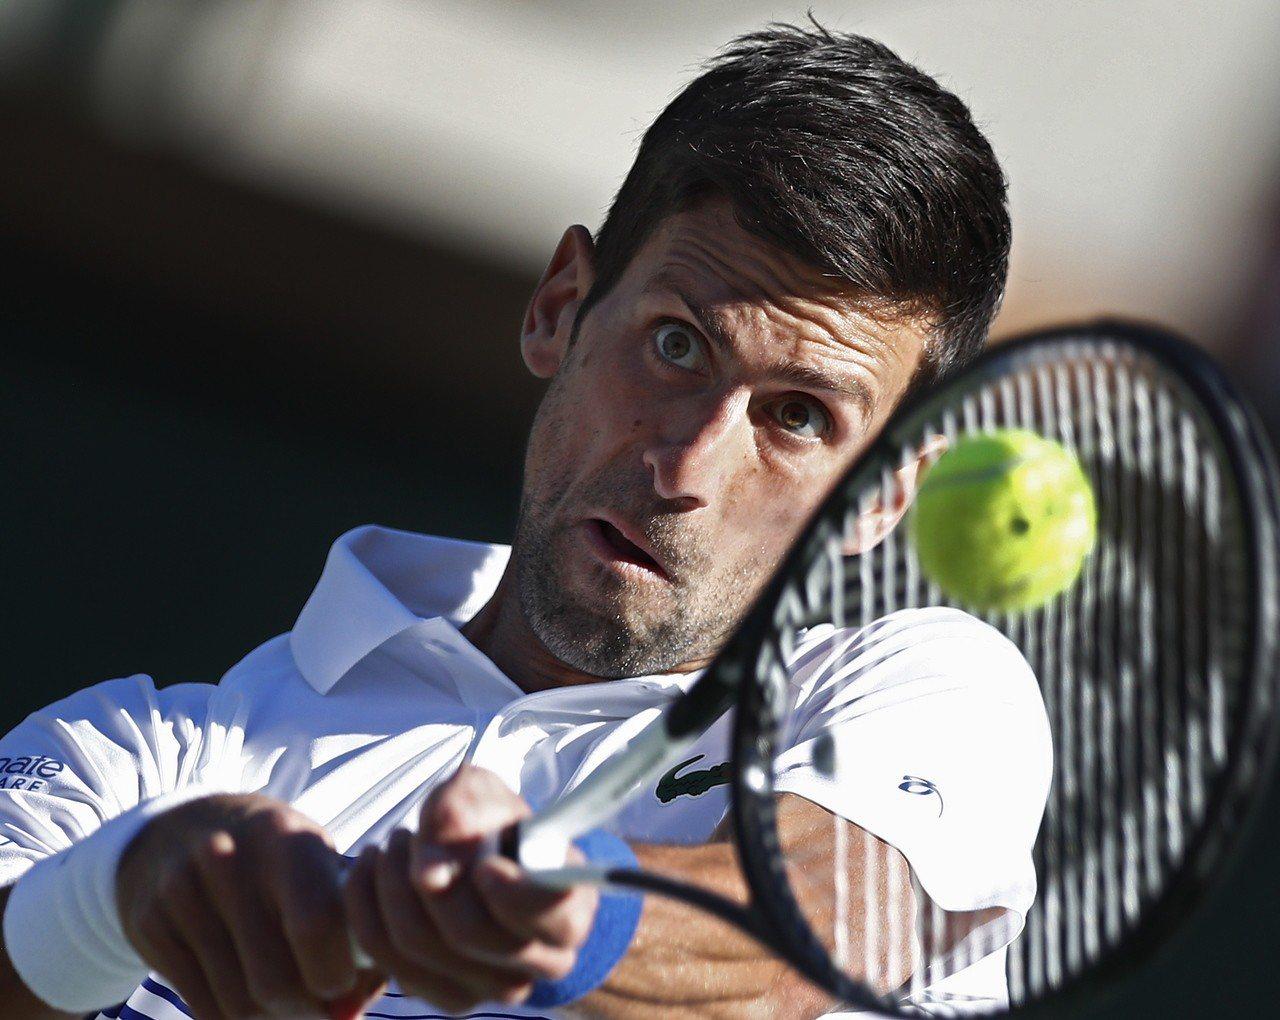 塞爾維亞「世界球王」約克維奇(Novak Djokovic)。 歐新社